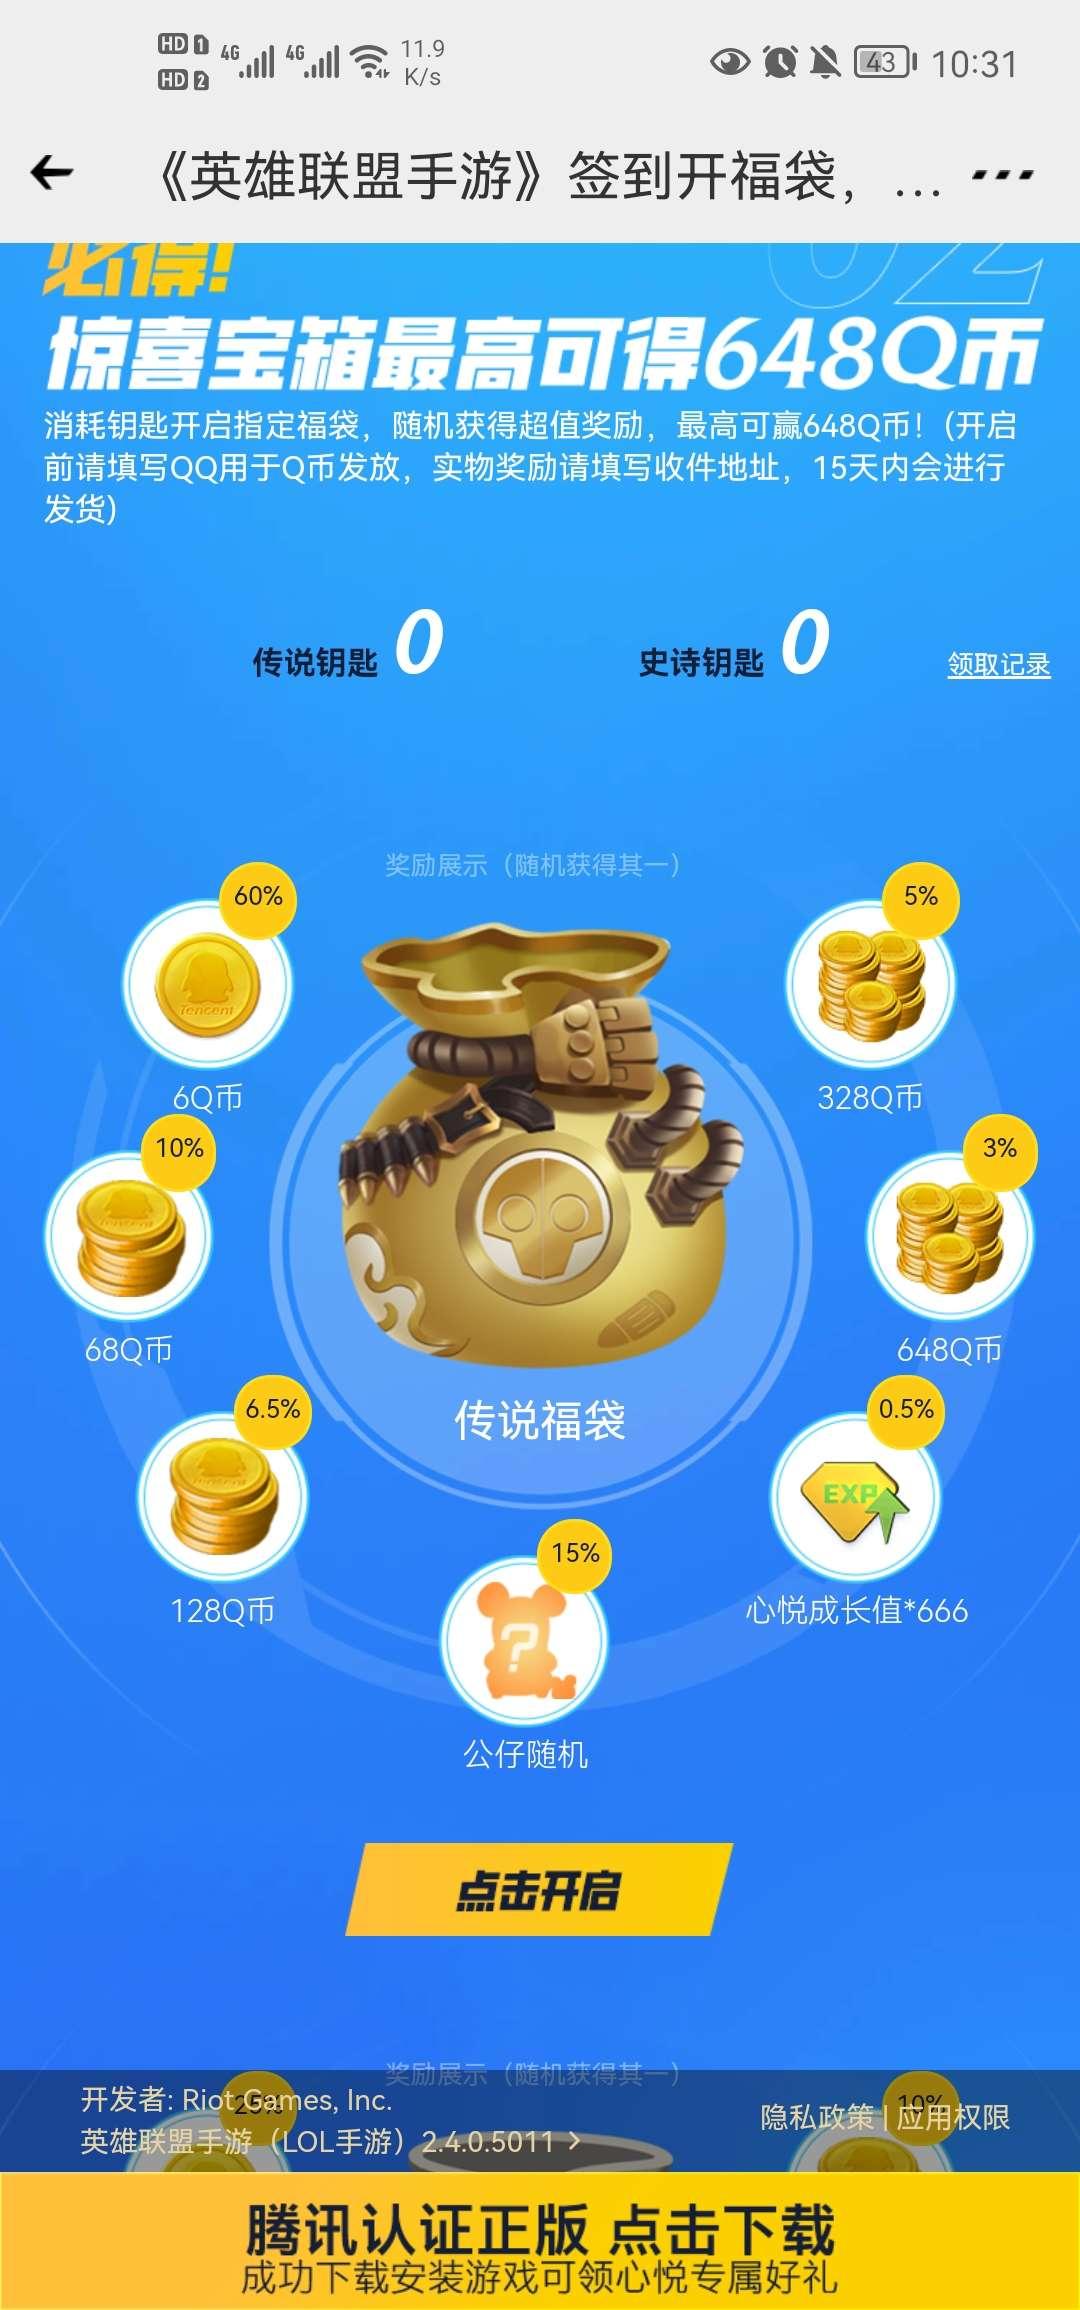 【虚拟物品】心悦俱乐部英雄联盟集钥匙抽648Q币